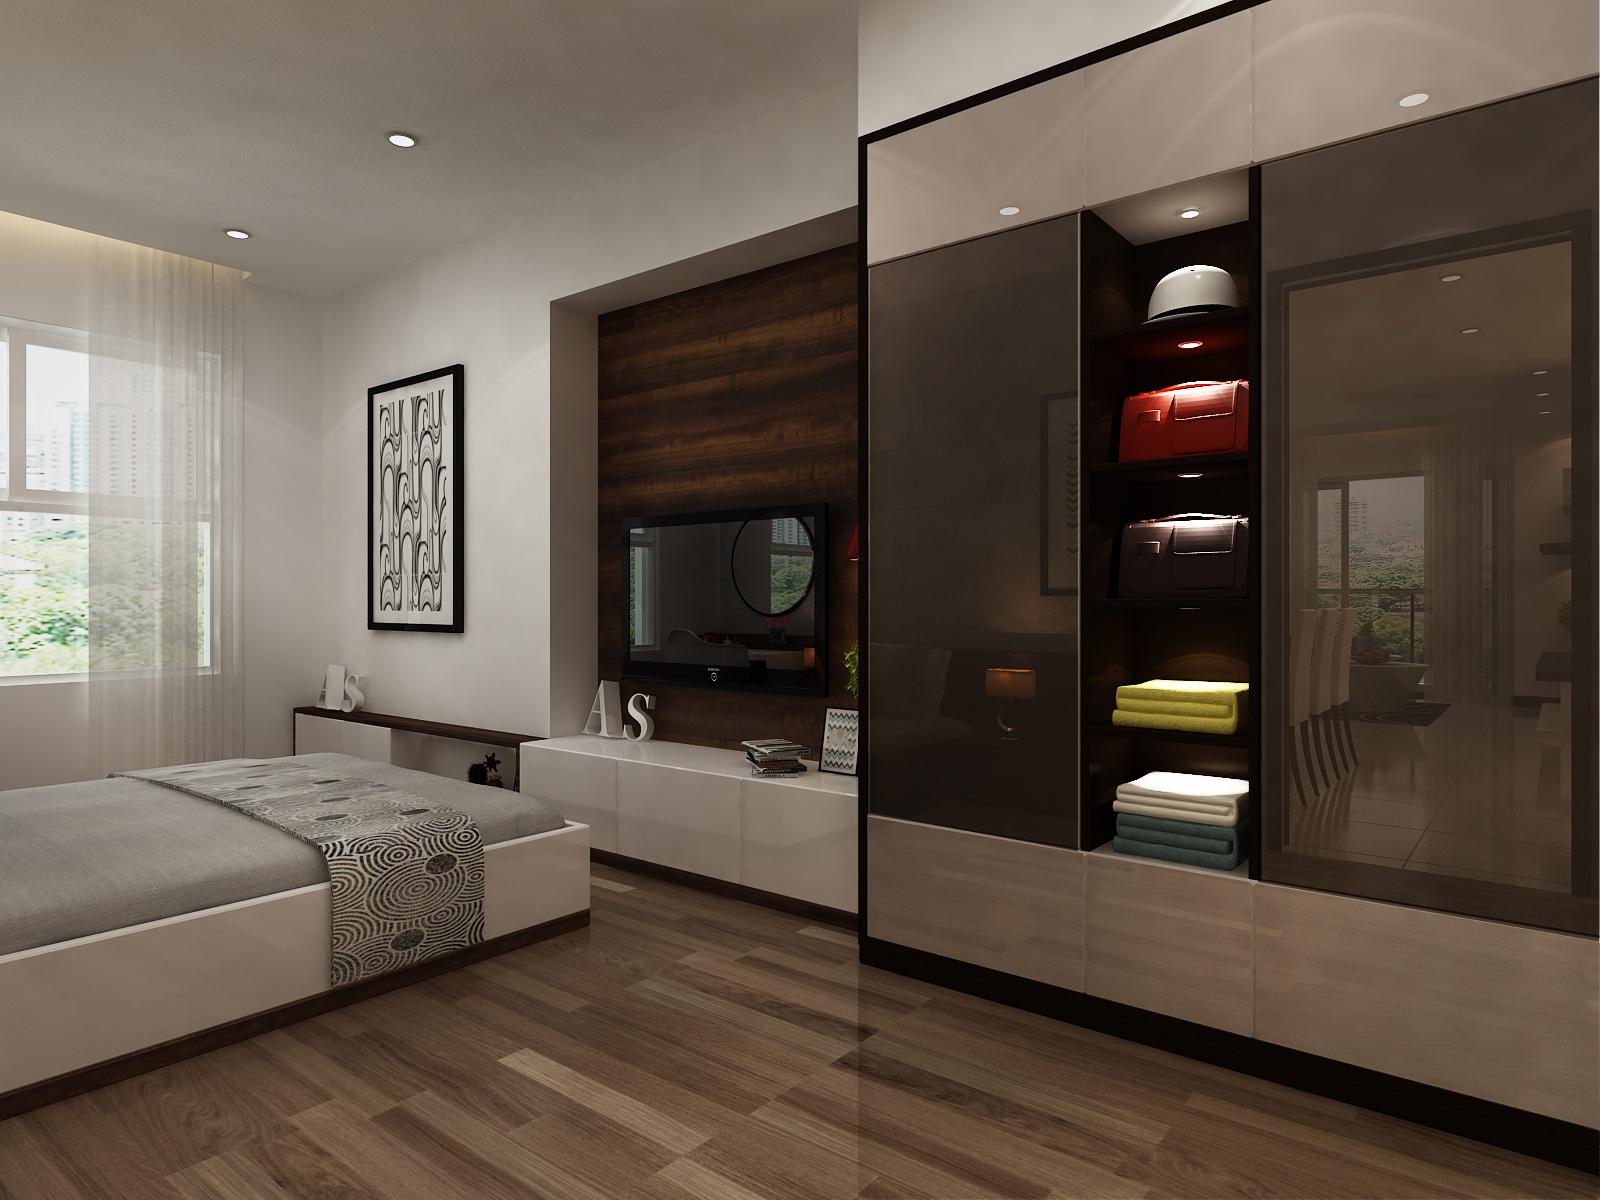 phòng ngủ căn hộ C1-8 - xigrandcourt